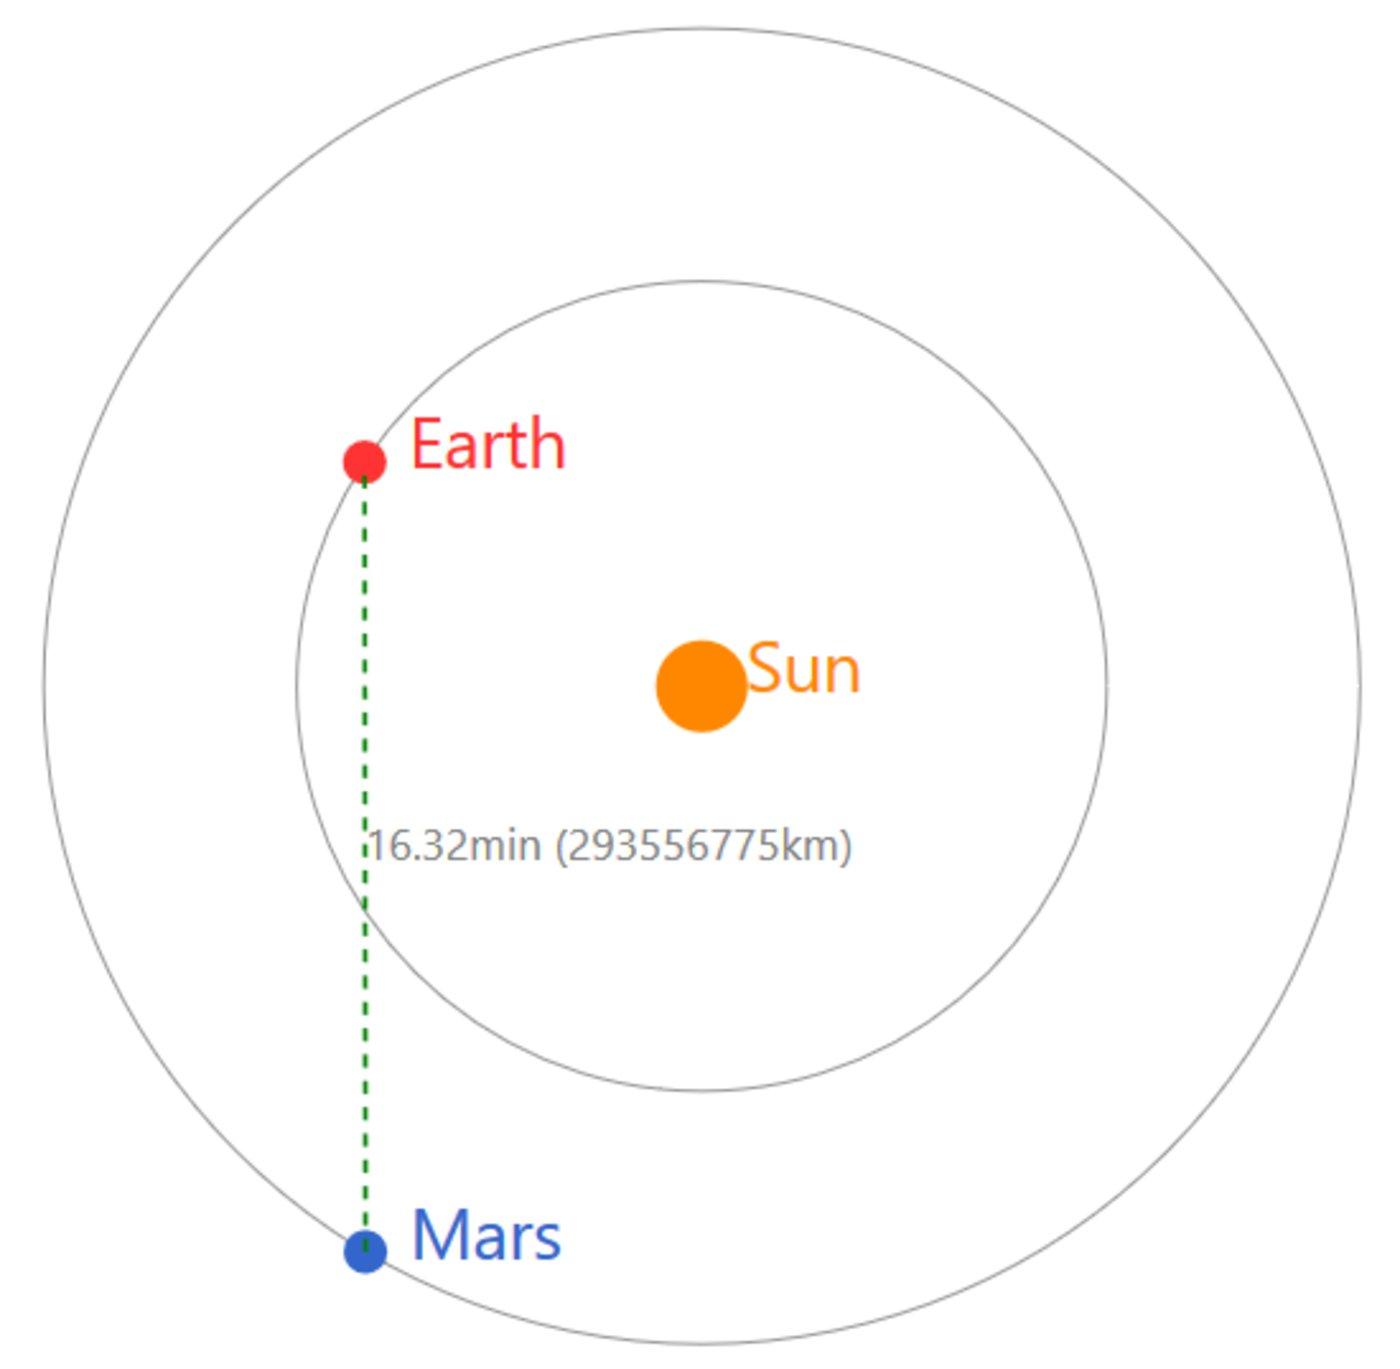 2021年4月23日地火单向通信延时示意图 图/星际移民中心